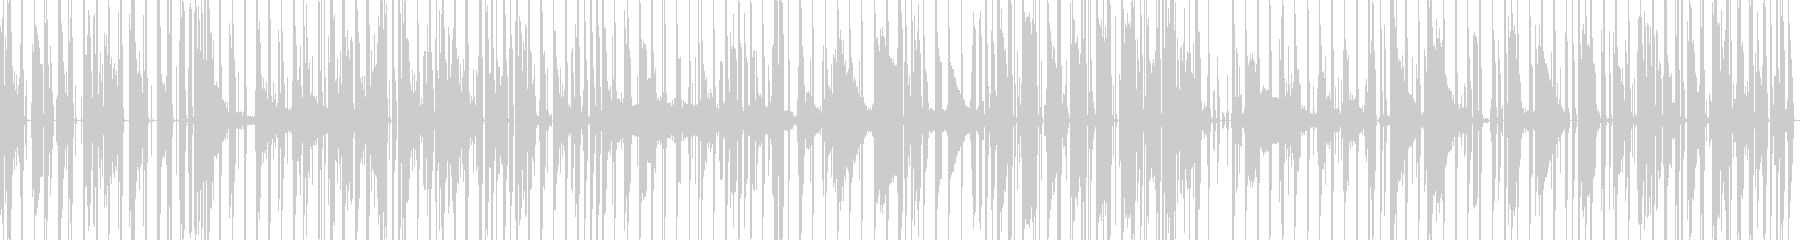 サラサラ ジャズ ファンク R&B...の未再生の波形